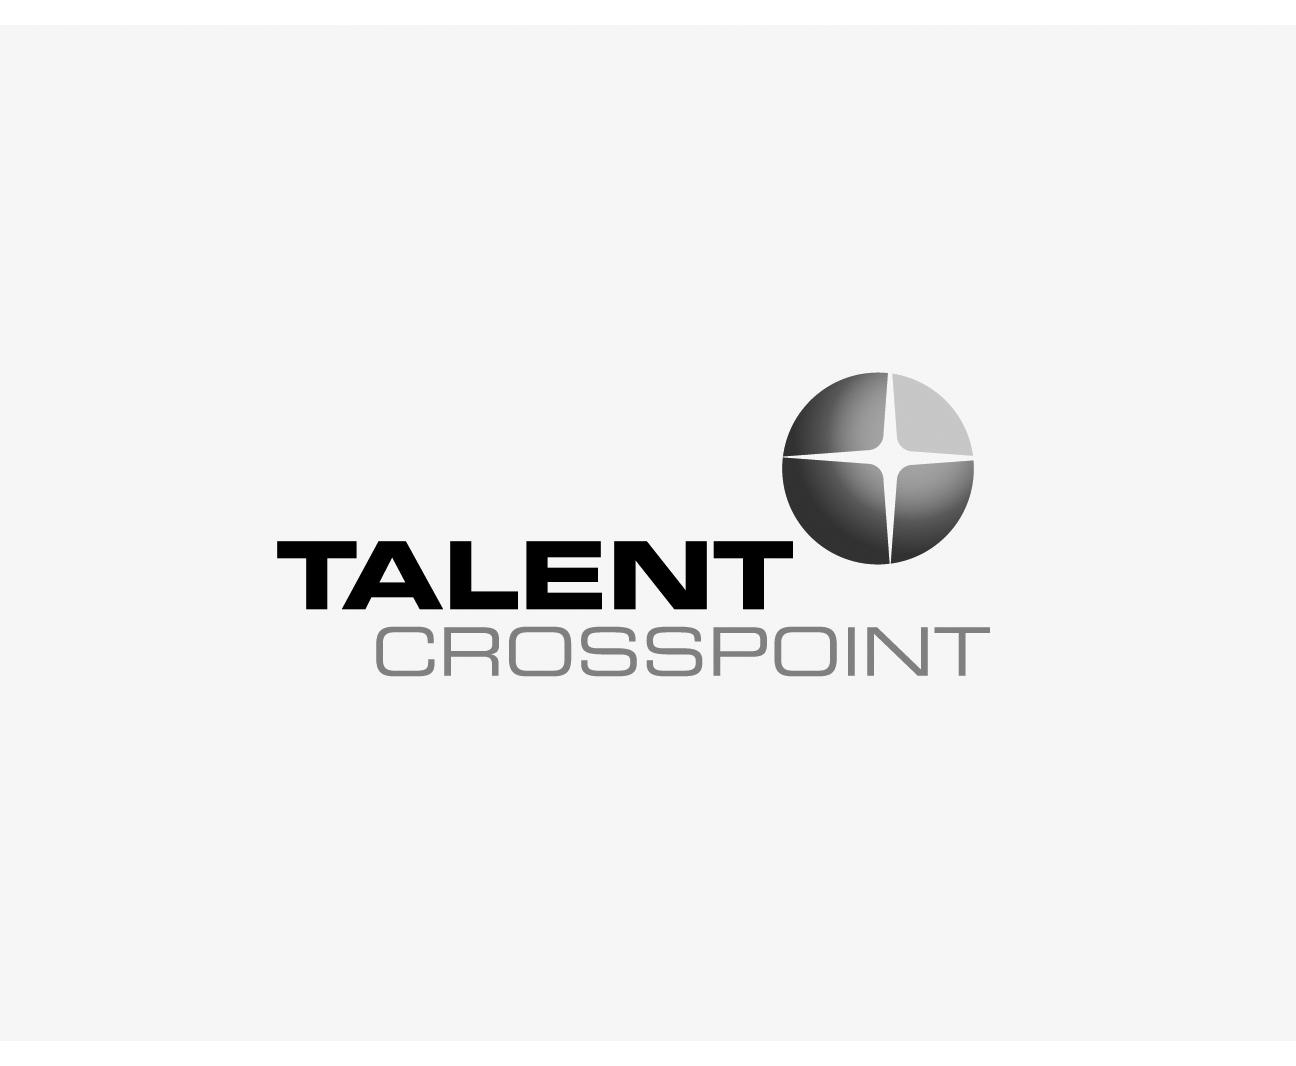 logo_talent_crosspoint_gs.jpg